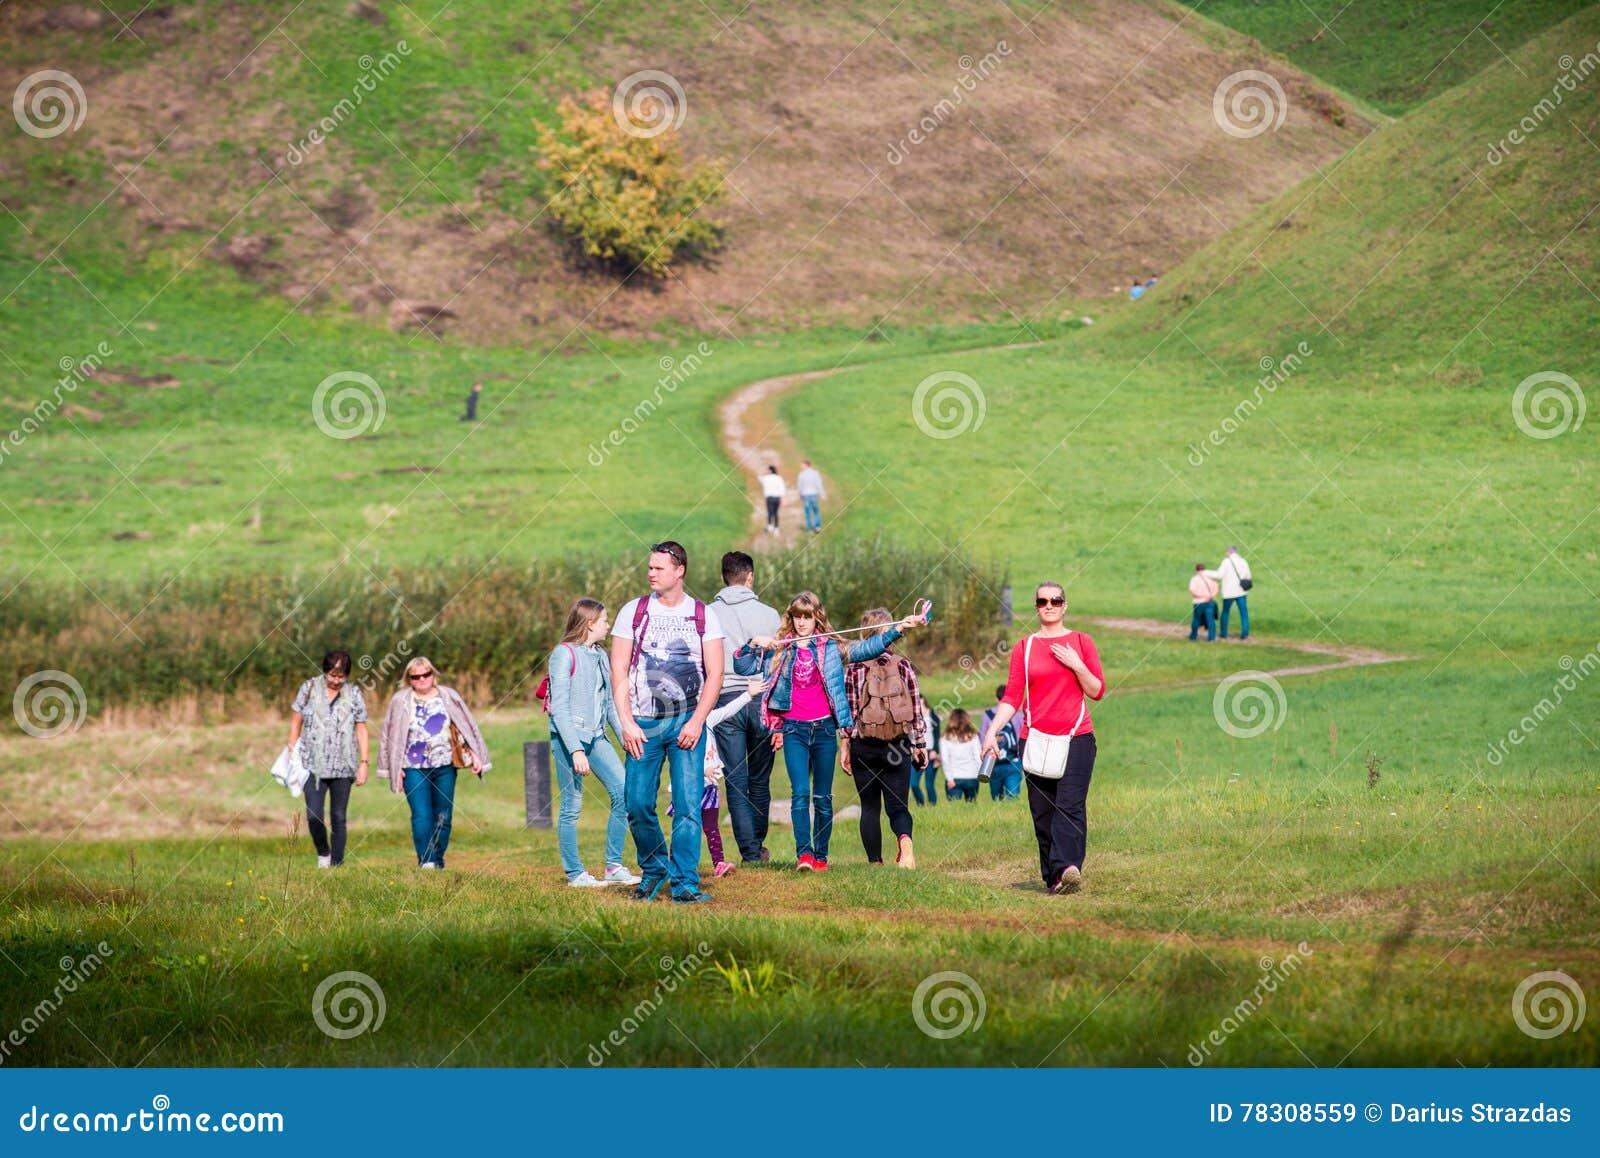 Gruppo di persone che camminano vicino alle colline di Kernave